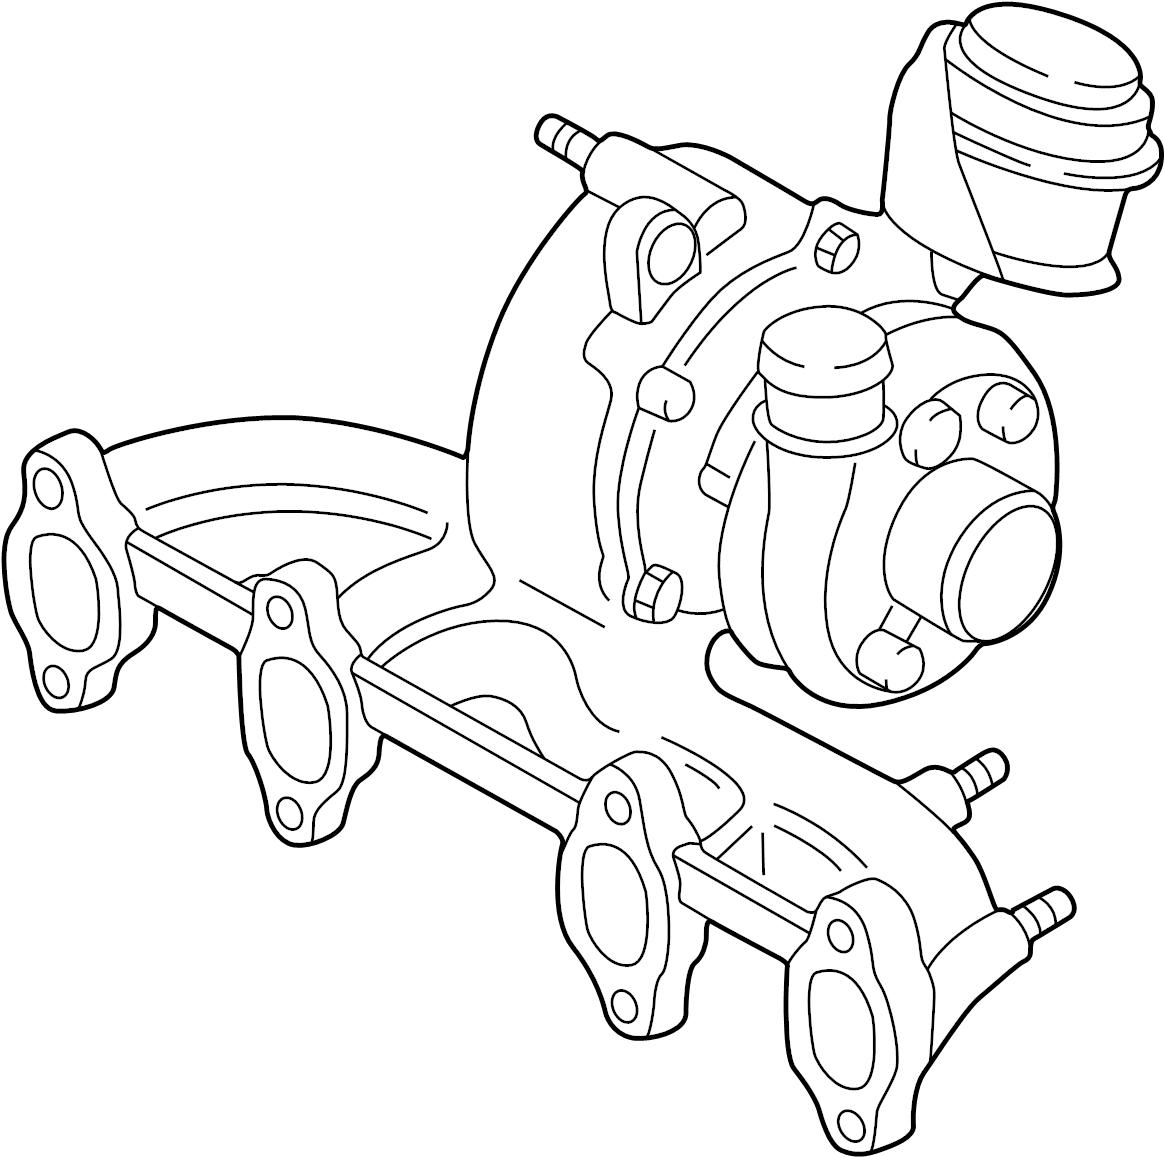 03g Rx